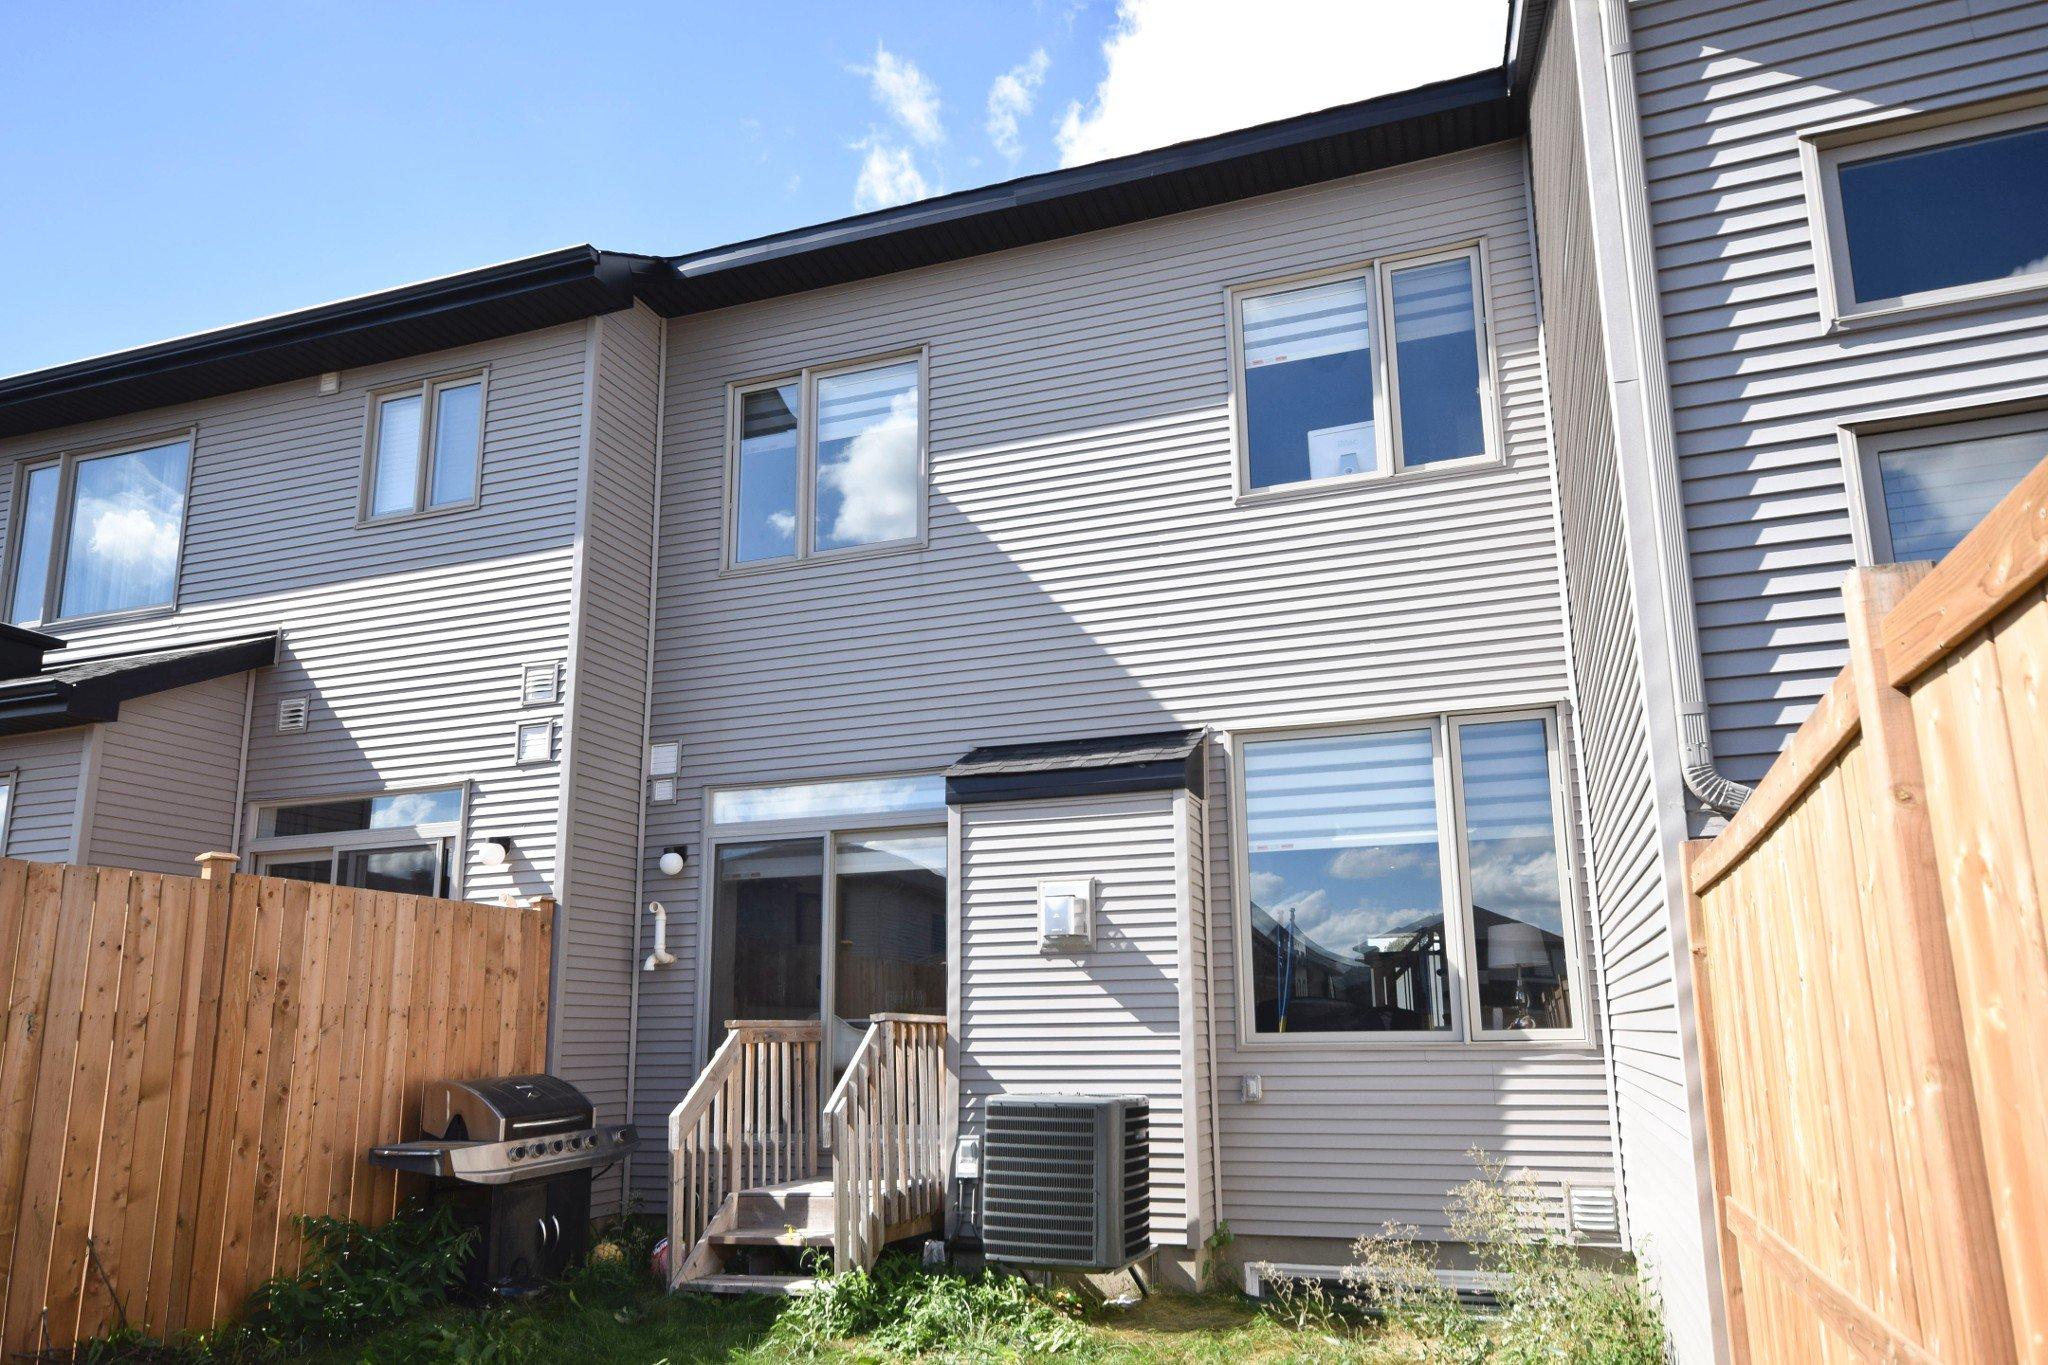 Photo 57: Photos: 301 Livery Street Stittsville Ottawa ON 255